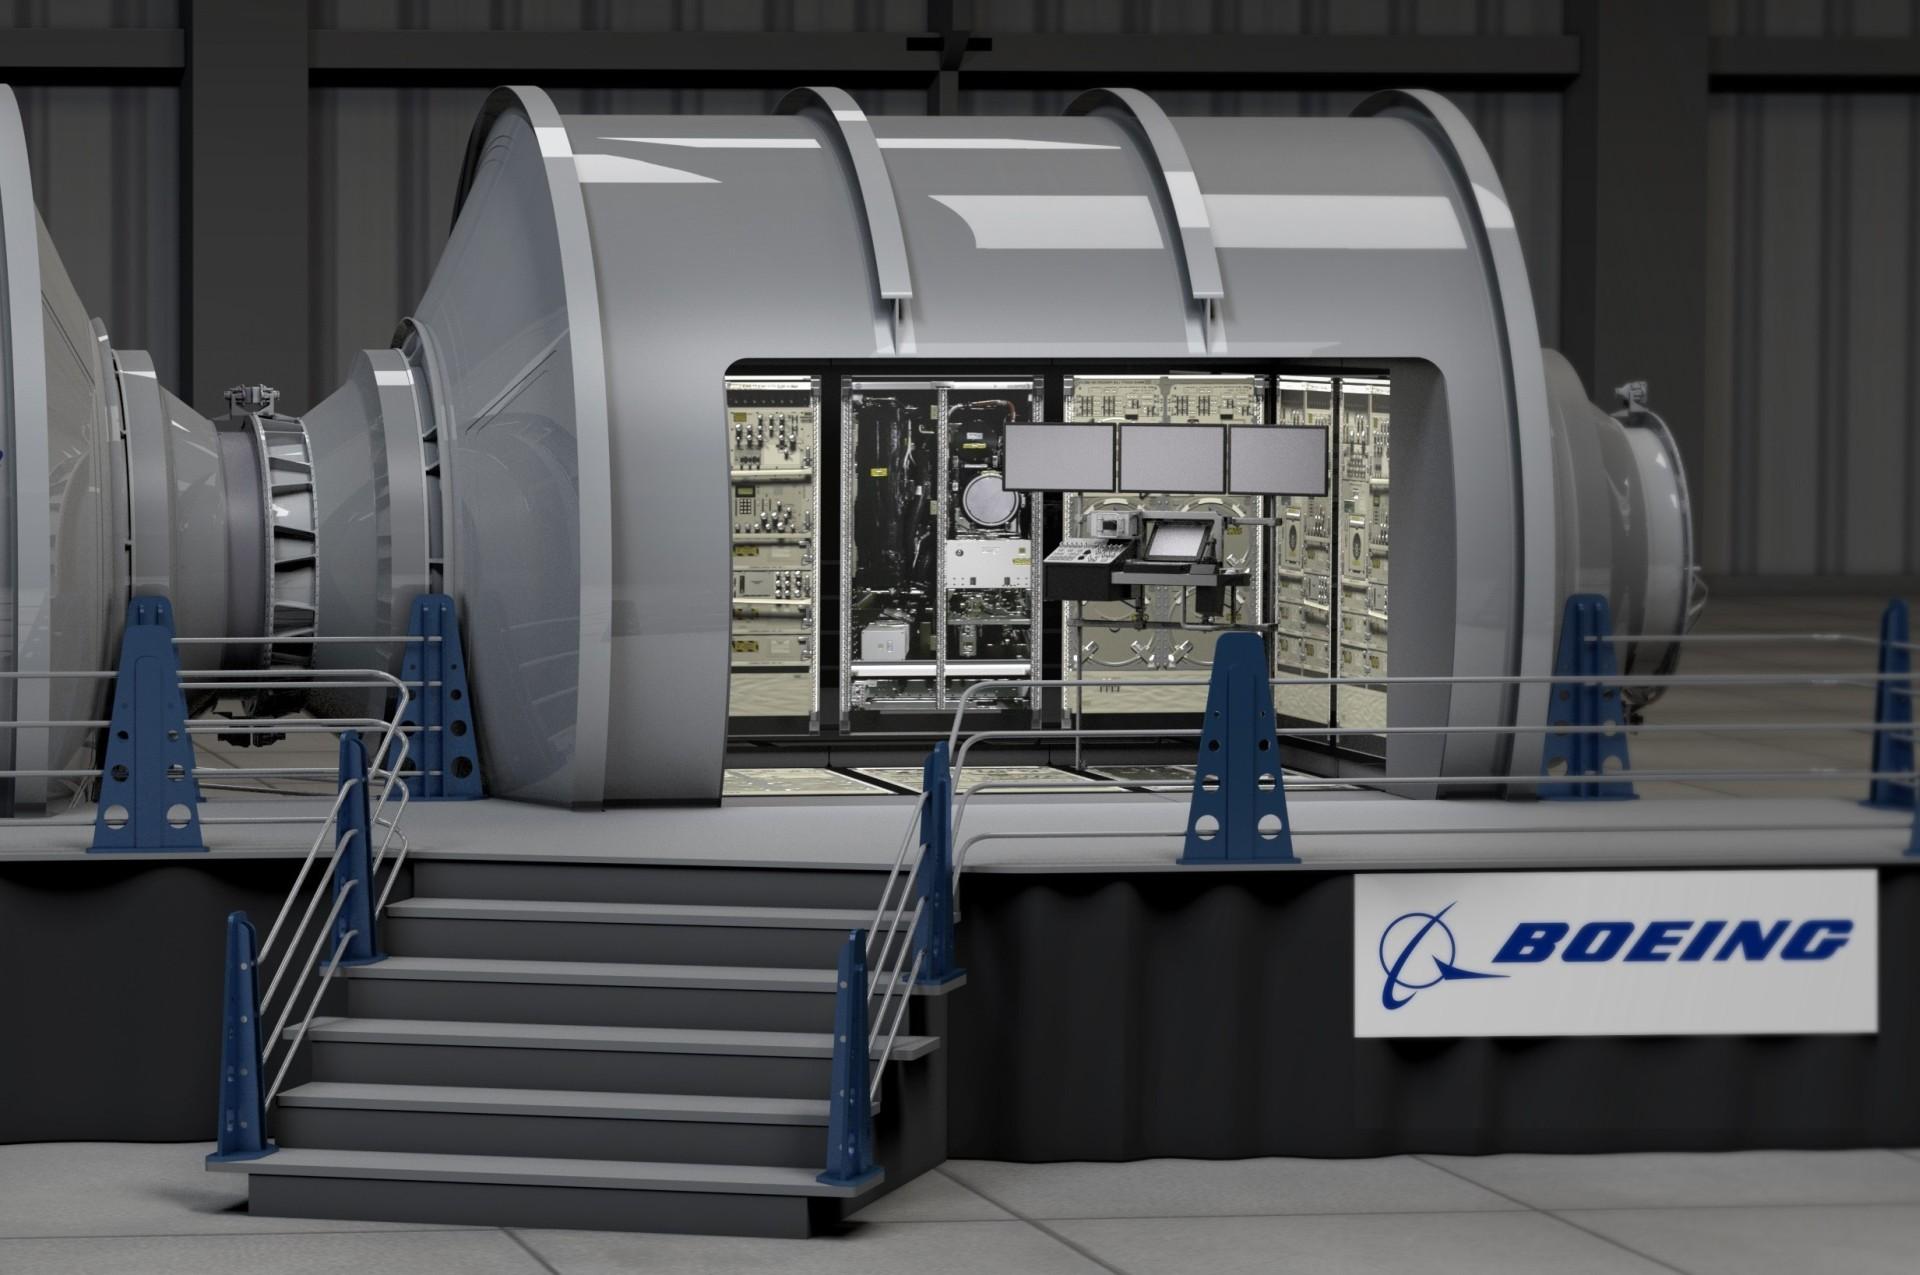 НАСА выбрало подрядчиков для разработки жилья в дальнем космосе - 4